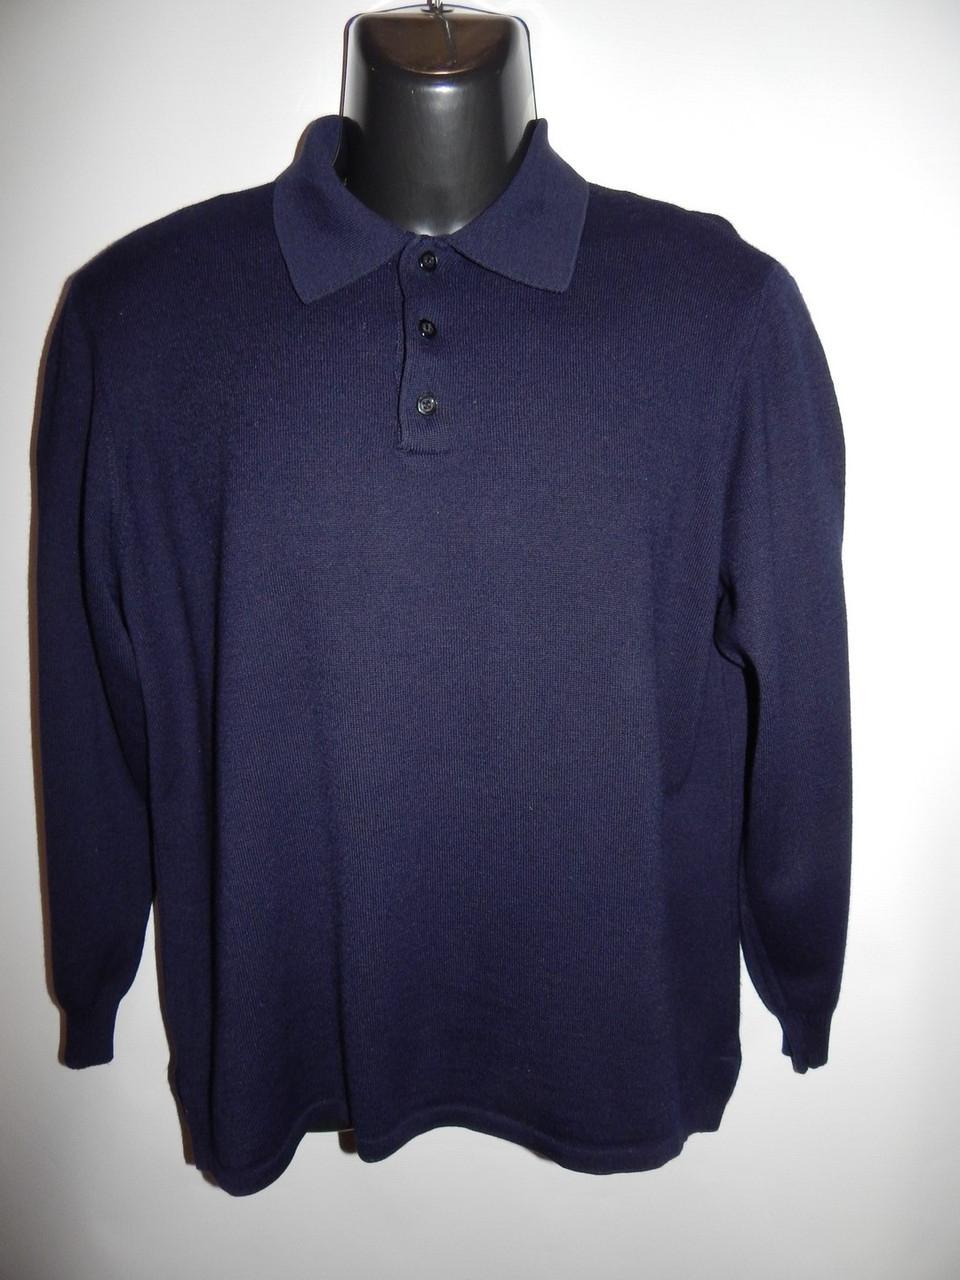 fab1c6e70 Купить сейчас - Свитер мужской фирменный United colors of Benetton ...